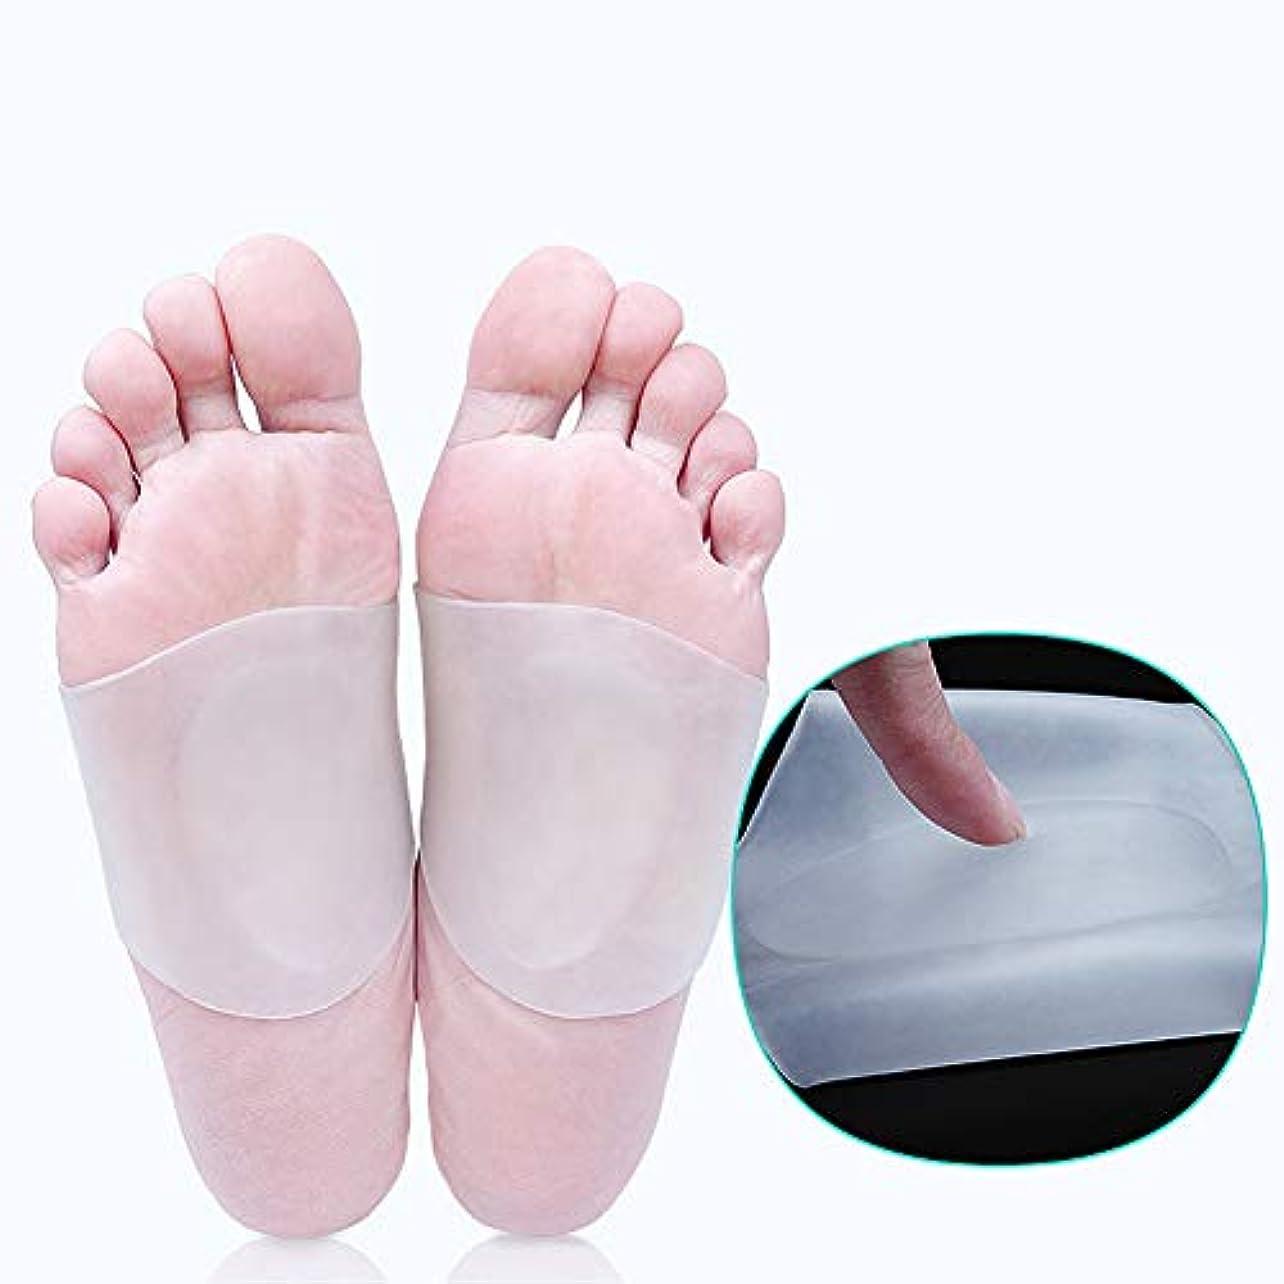 四分円アパートアナログアーチ型サポートシューインサートフットパッド、足底筋膜炎インサートフラットフットパッド、ハイまたはローアーチジェルパッドインソール、フットアーチとかかとの痛みを緩和 (S)